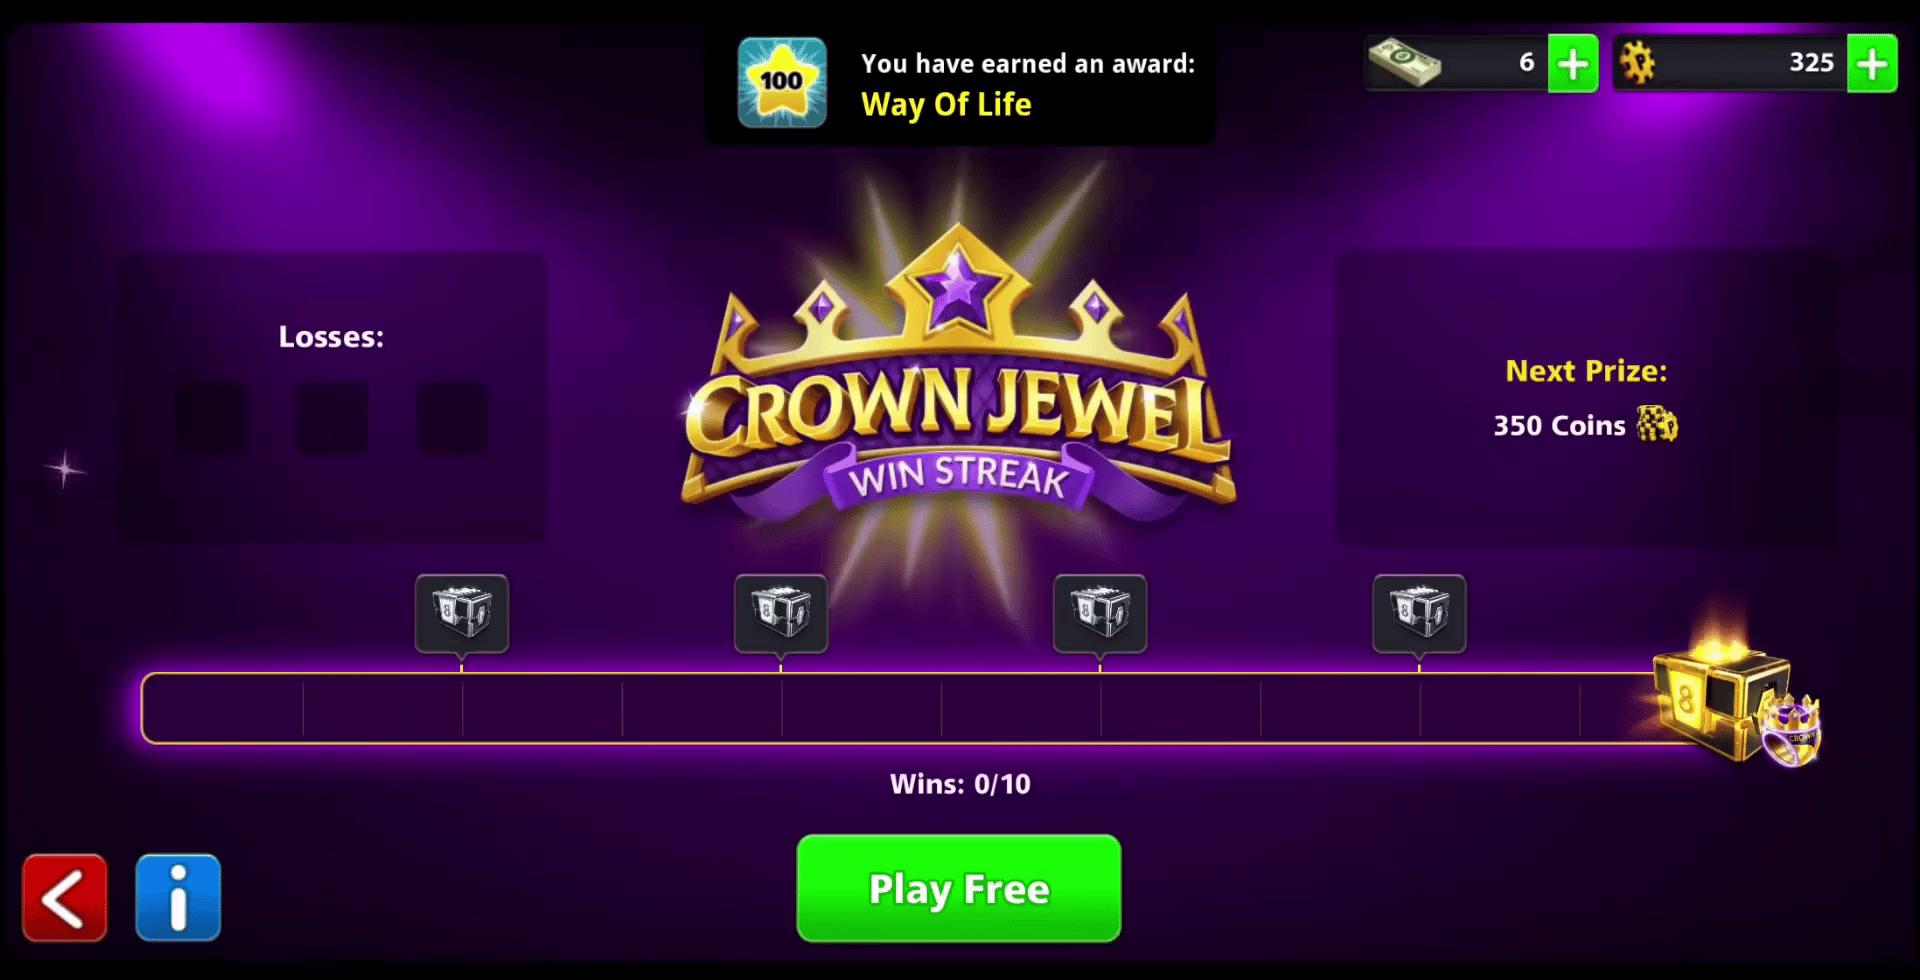 crown jewel win streak